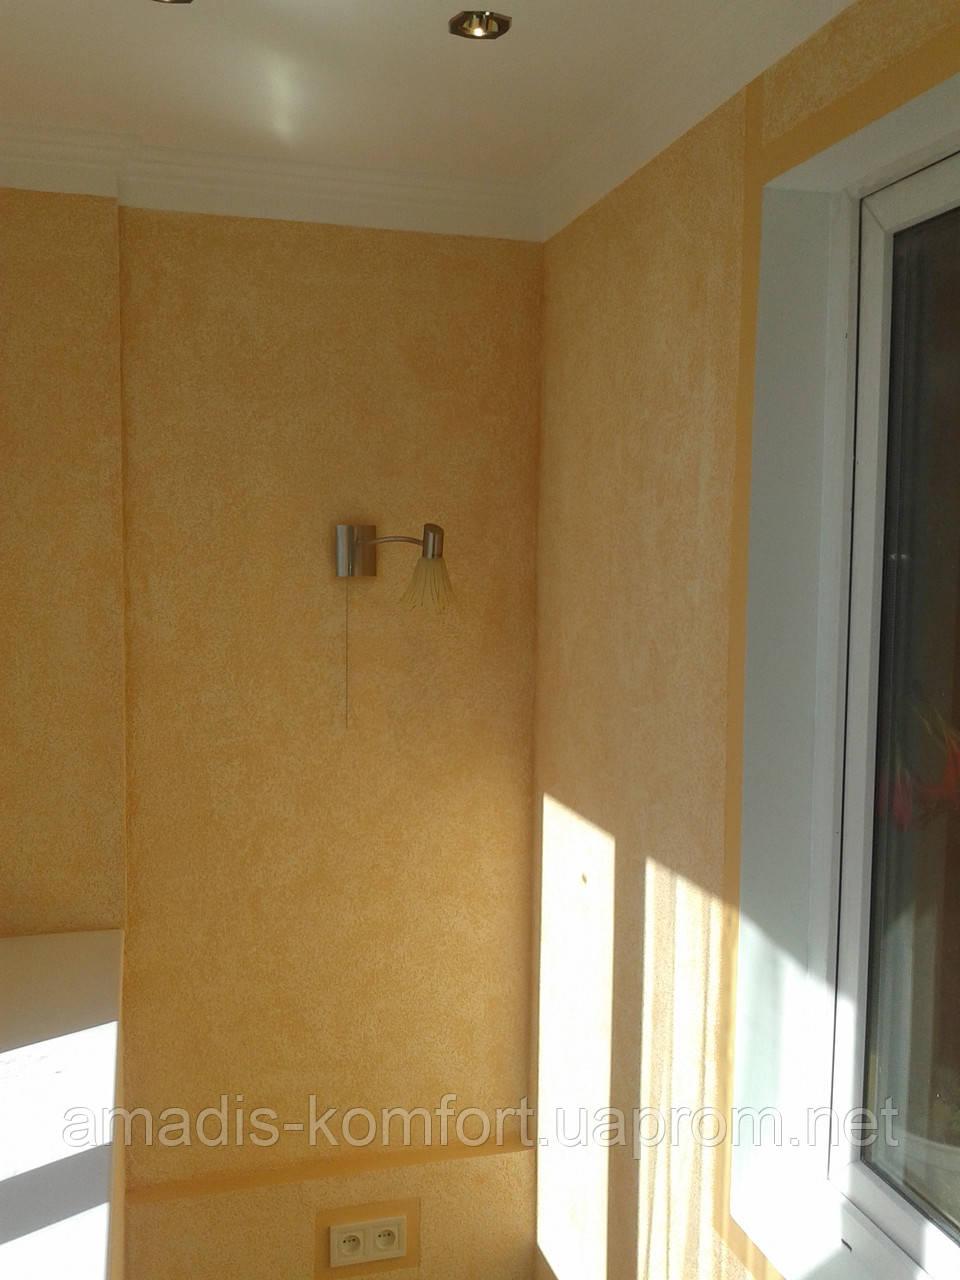 Утепление и ремонт балкона, цена 350 грн./кв.м, заказать в к.